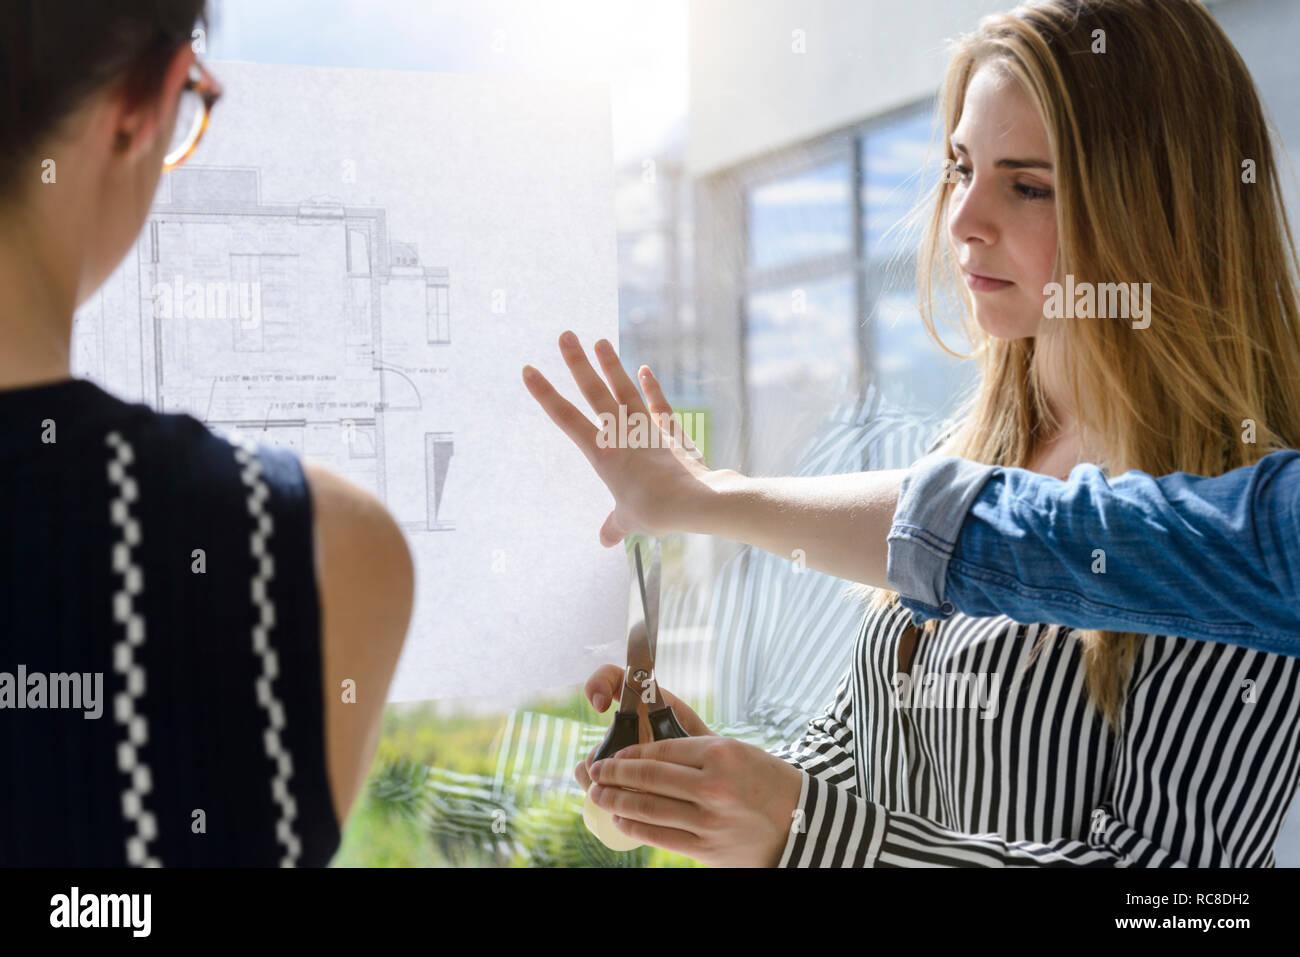 Compañeros discutiendo planes sobre la pared de vidrio Foto de stock